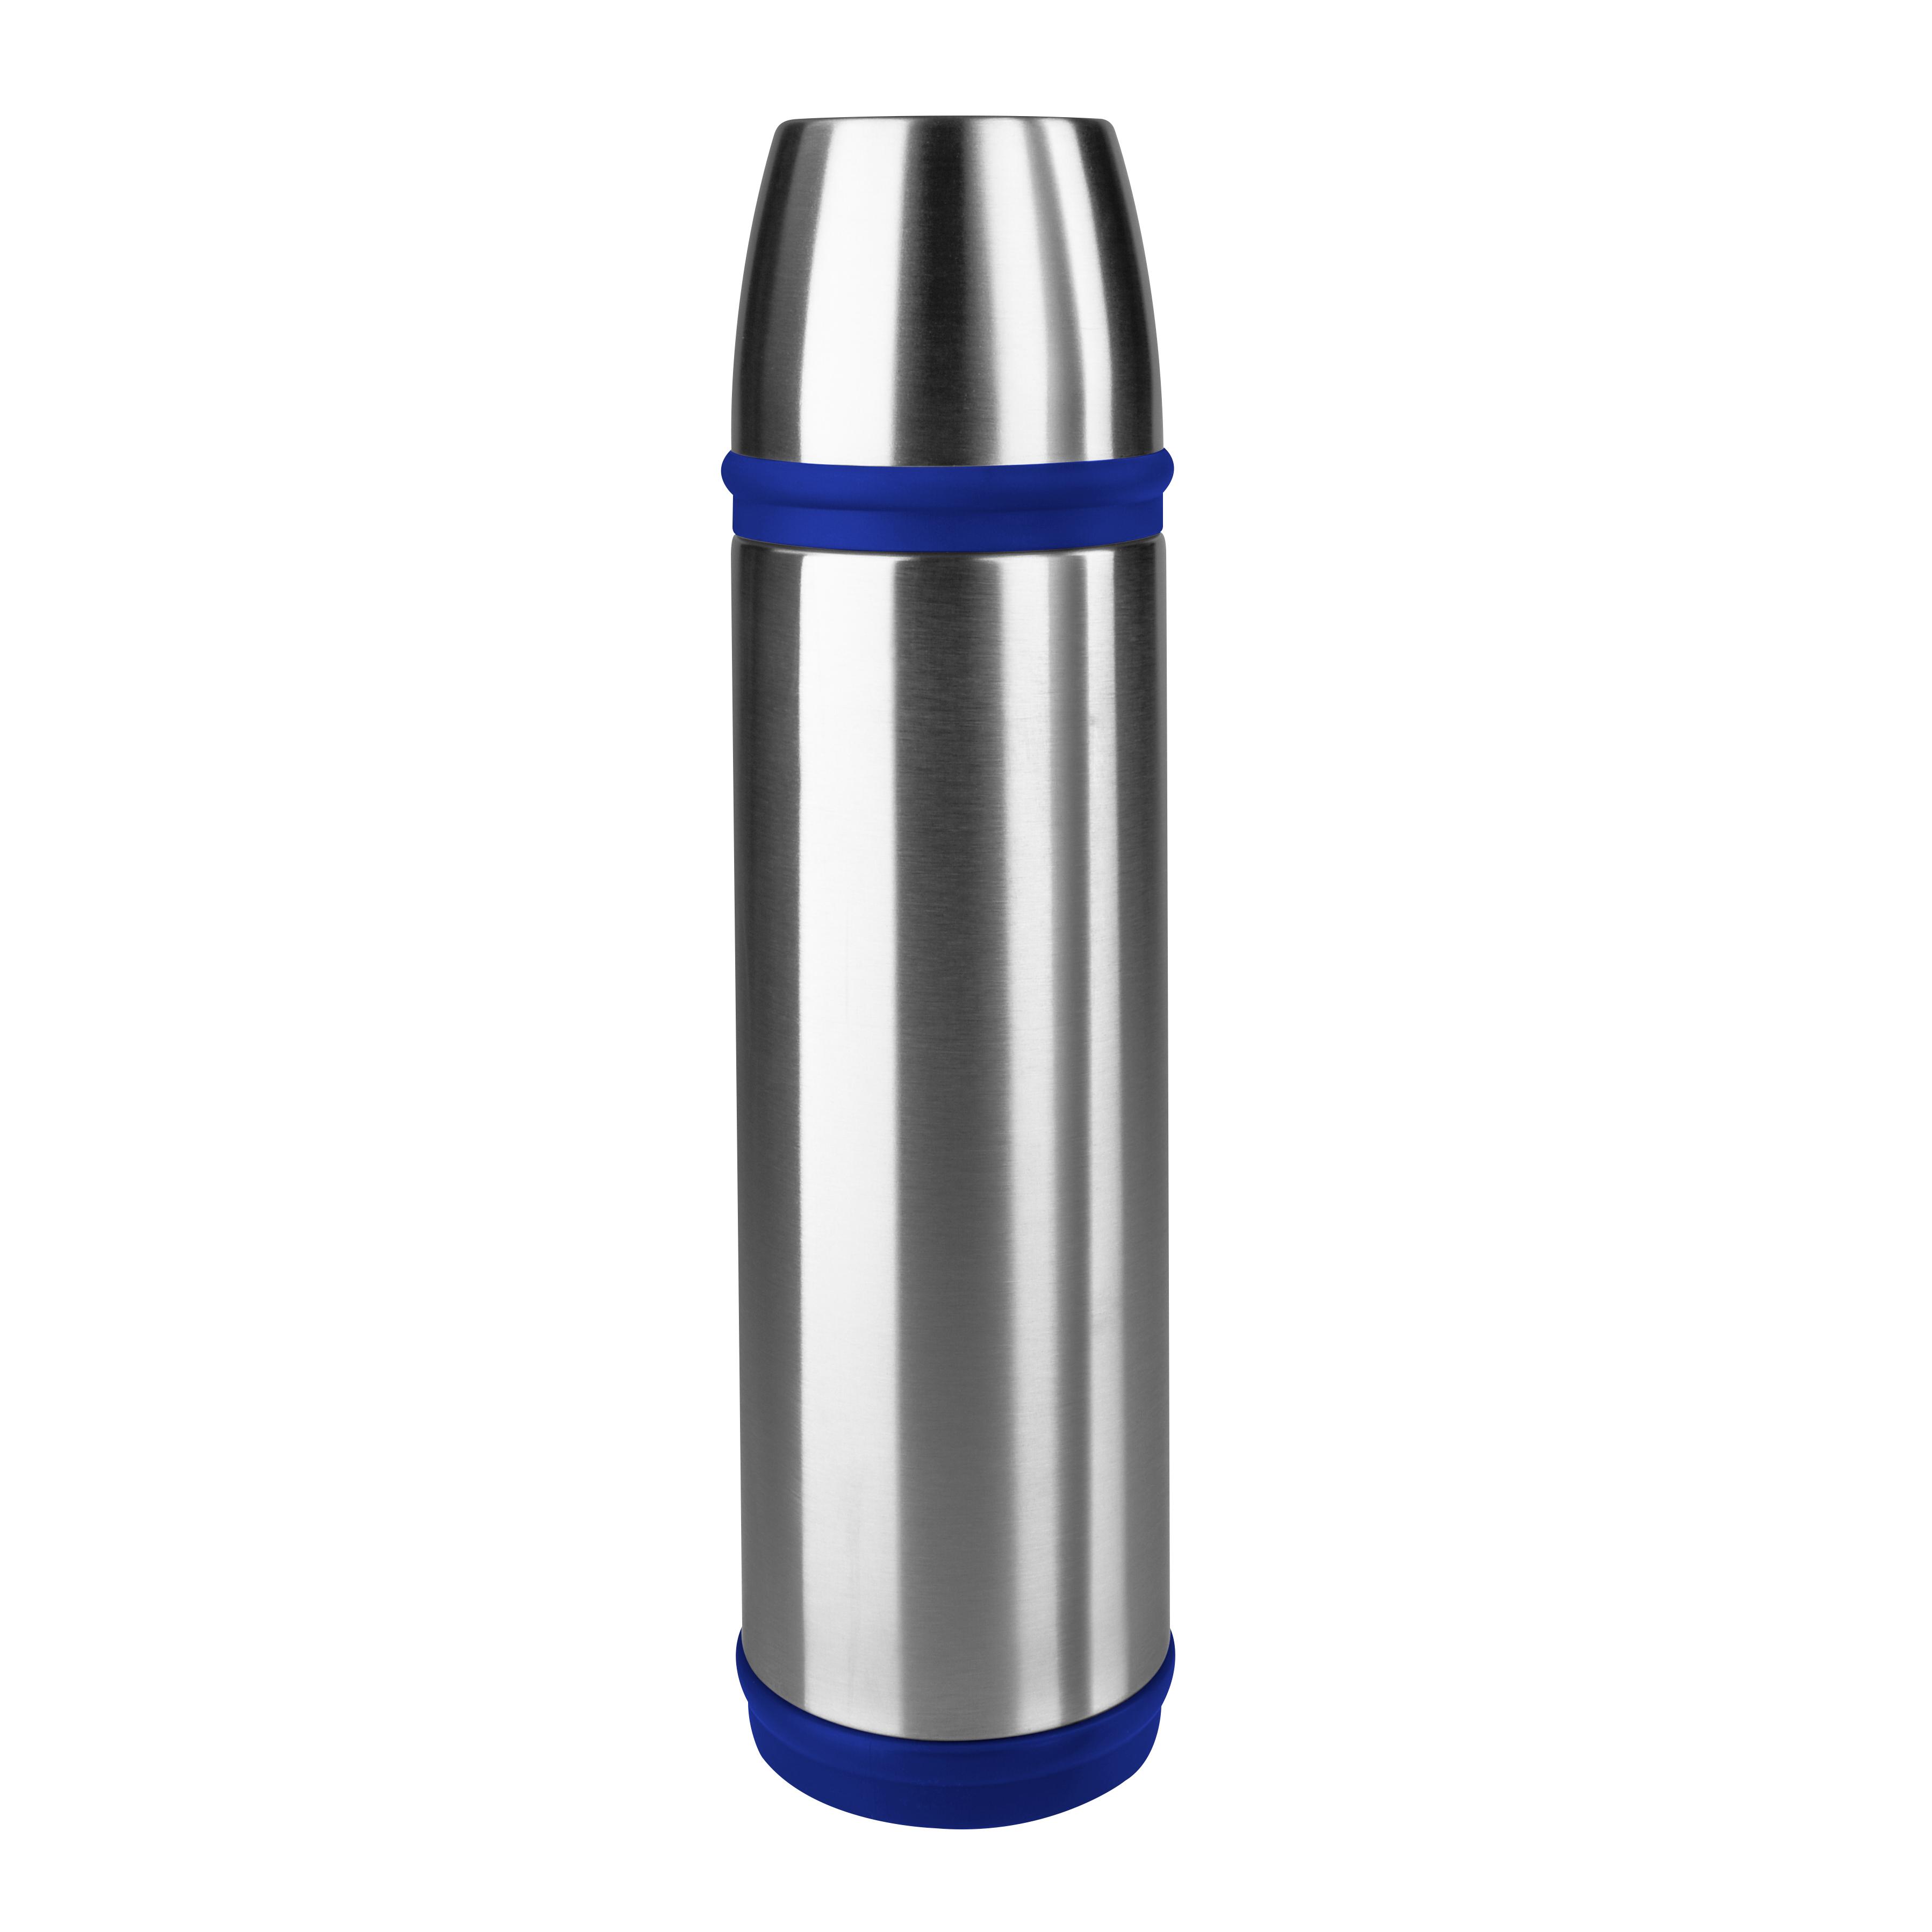 EMSA 502474 CAPTAIN ISOLIERFLASCHE 1,0 L Edelstahl/blau 100 % dicht - hält 12 h heiß und 24 h kalt - mit Trinkbecher